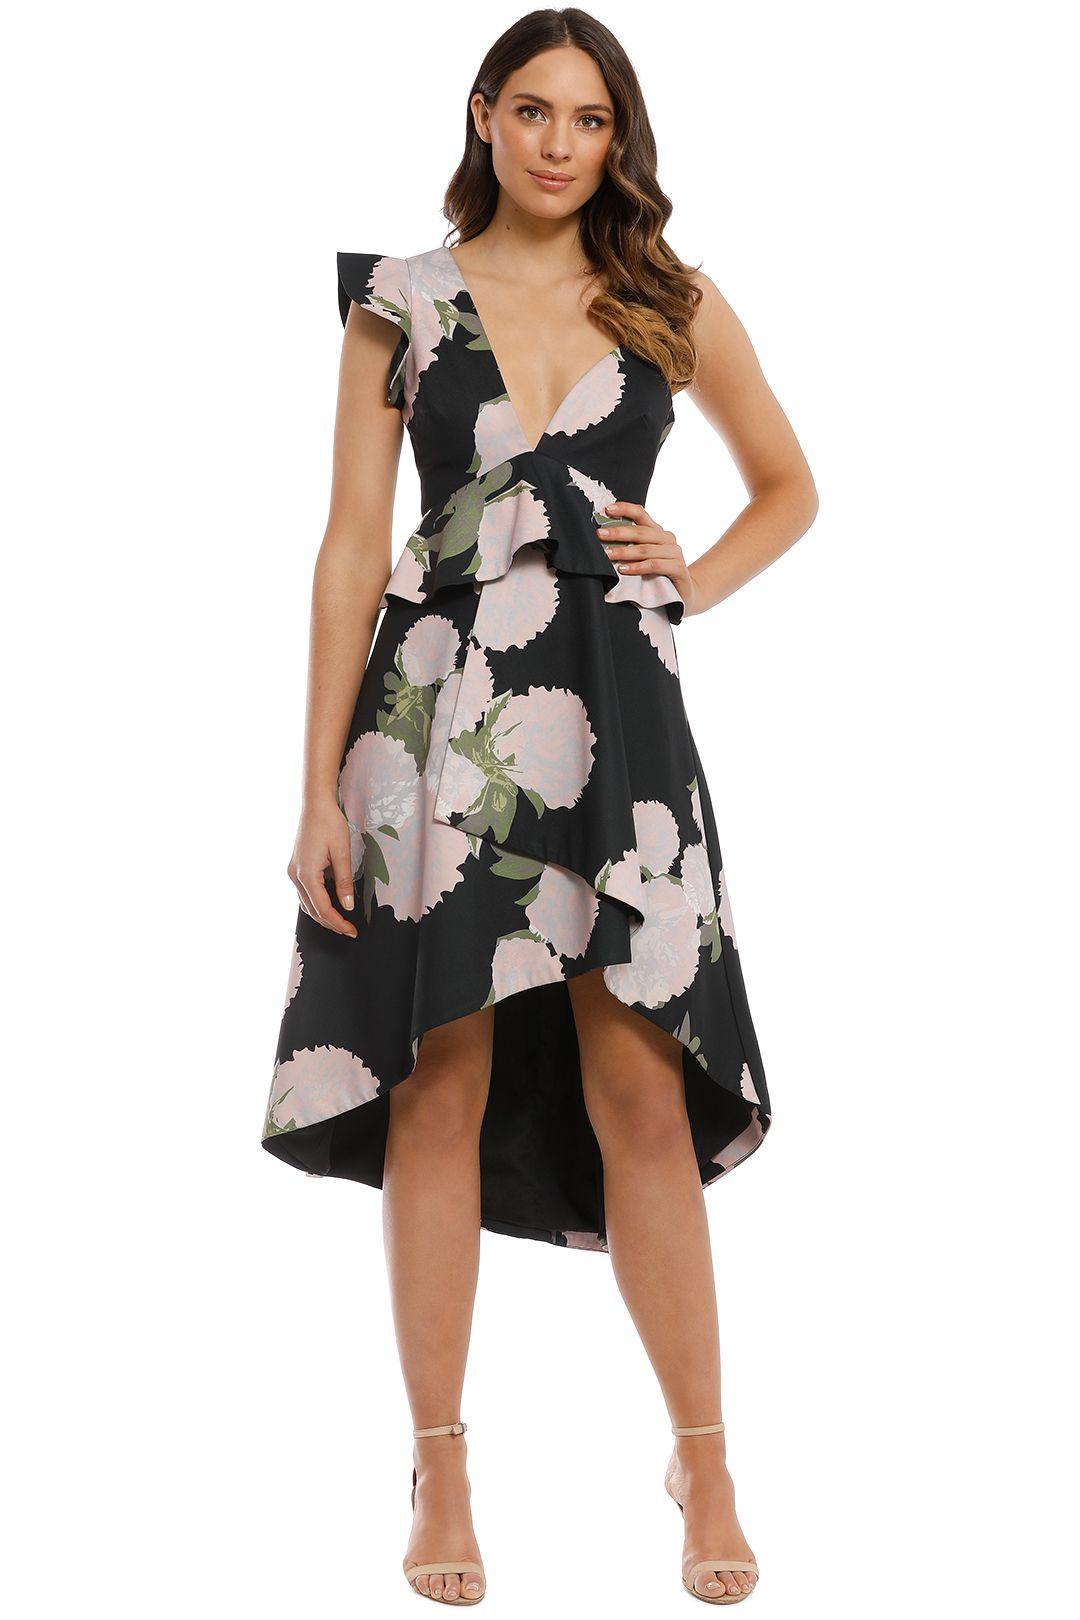 Talulah - New Woman Asymmetrical Midi Dress - Black Floral - Front